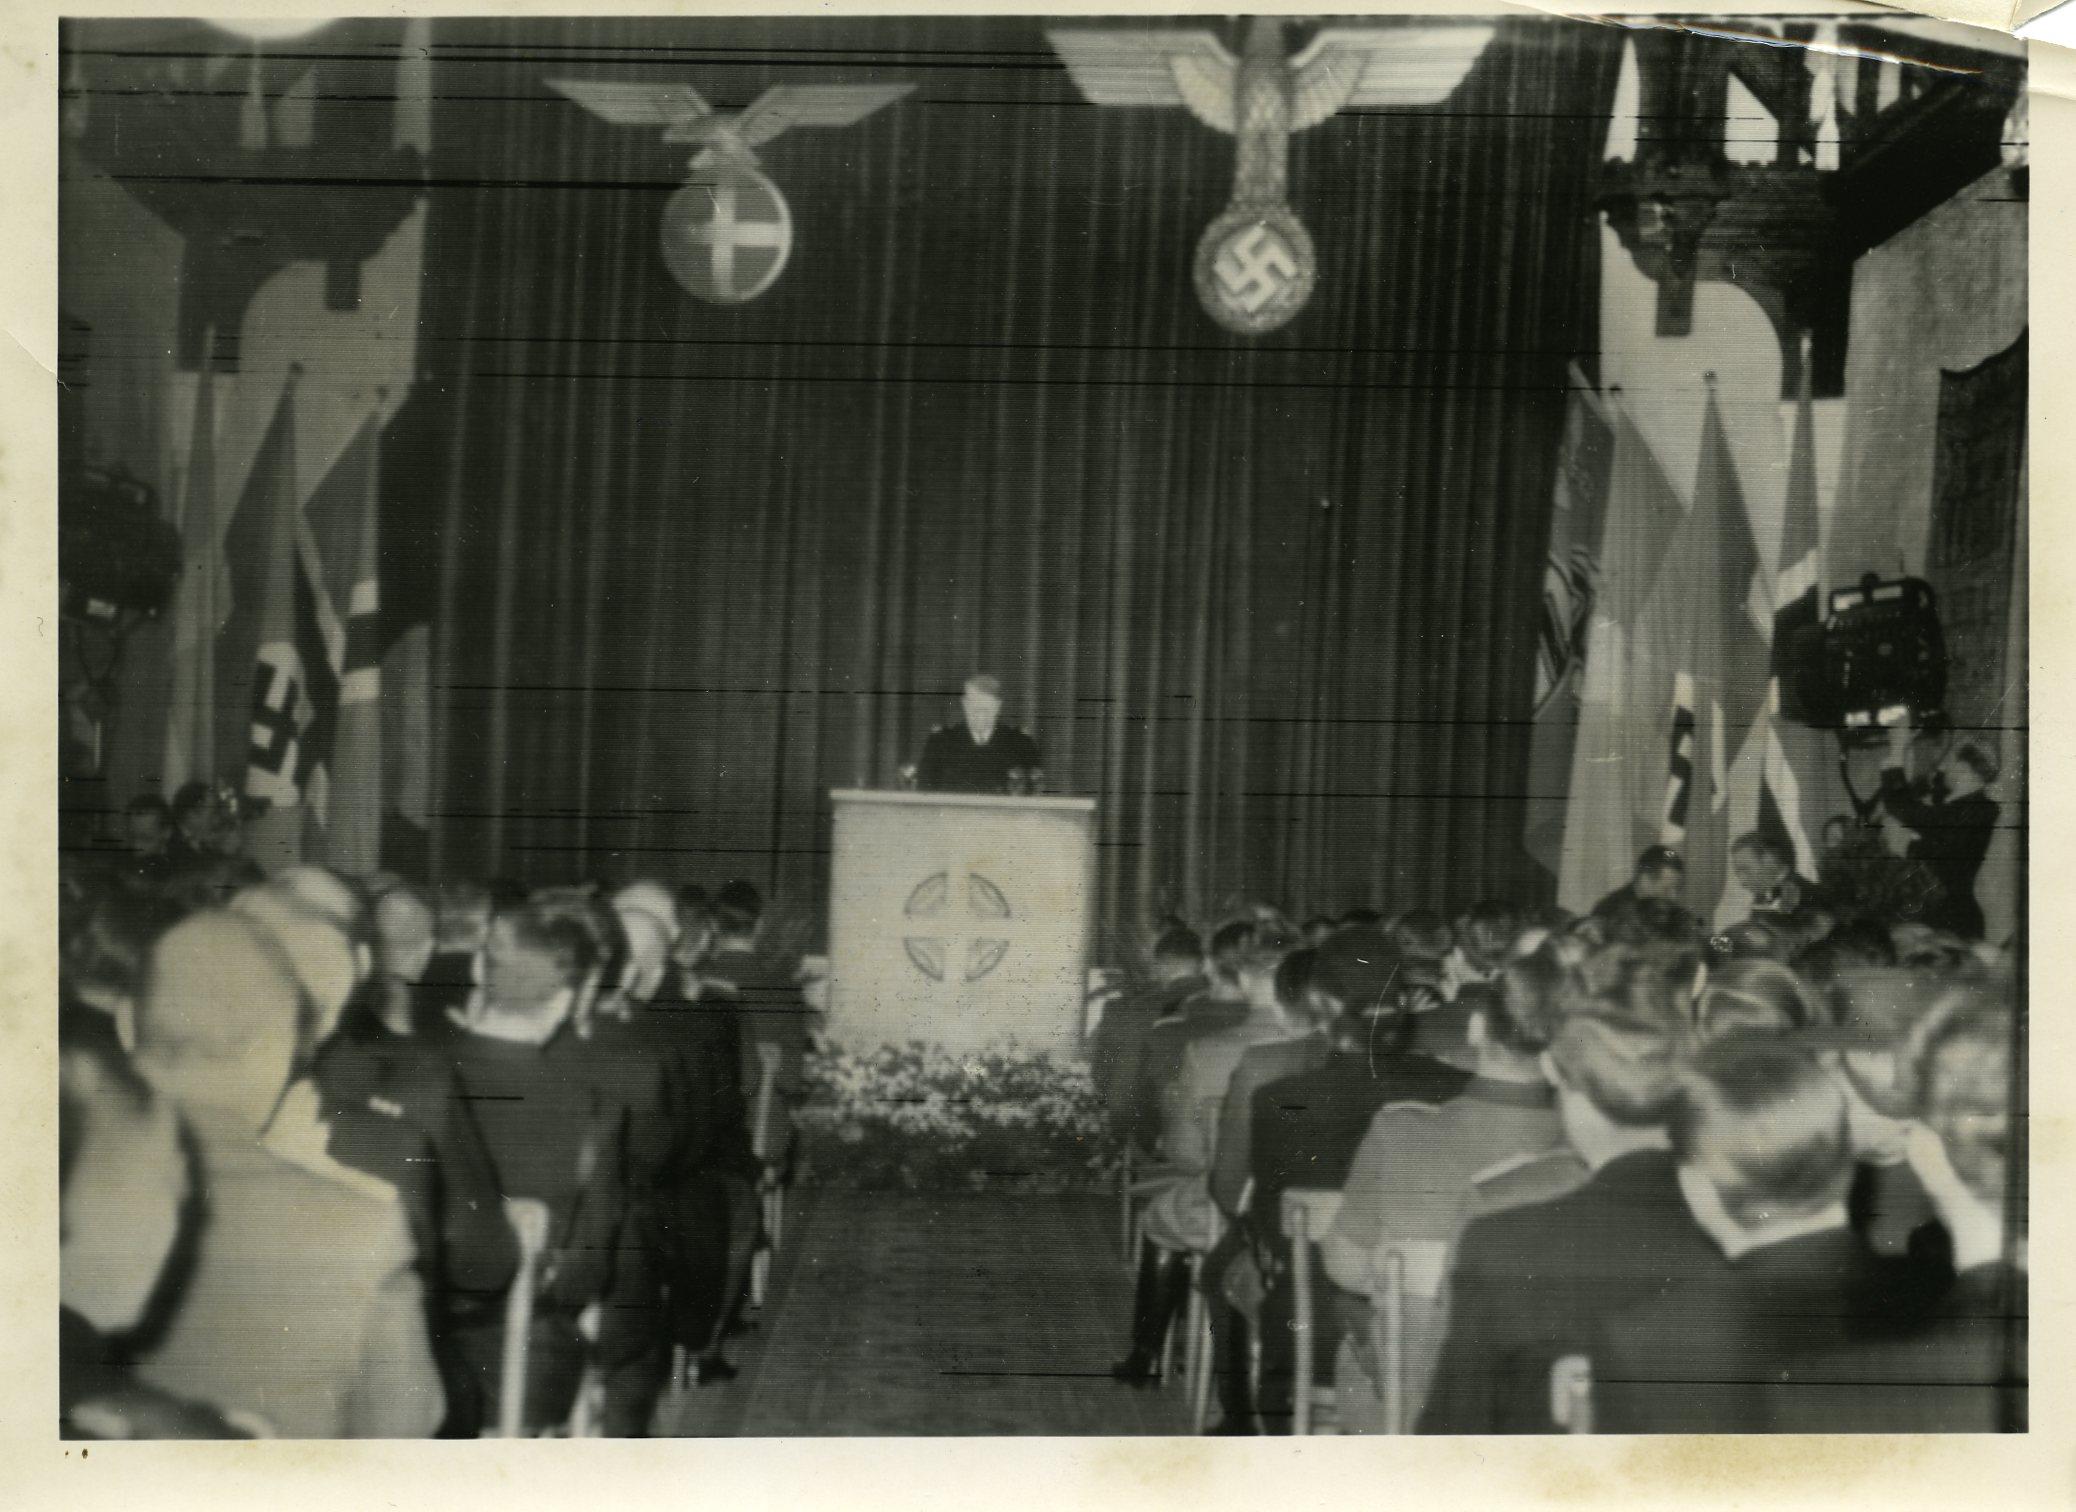 Statsakten. Akershus. Vidkun Quisling taler. 1942/02/01.